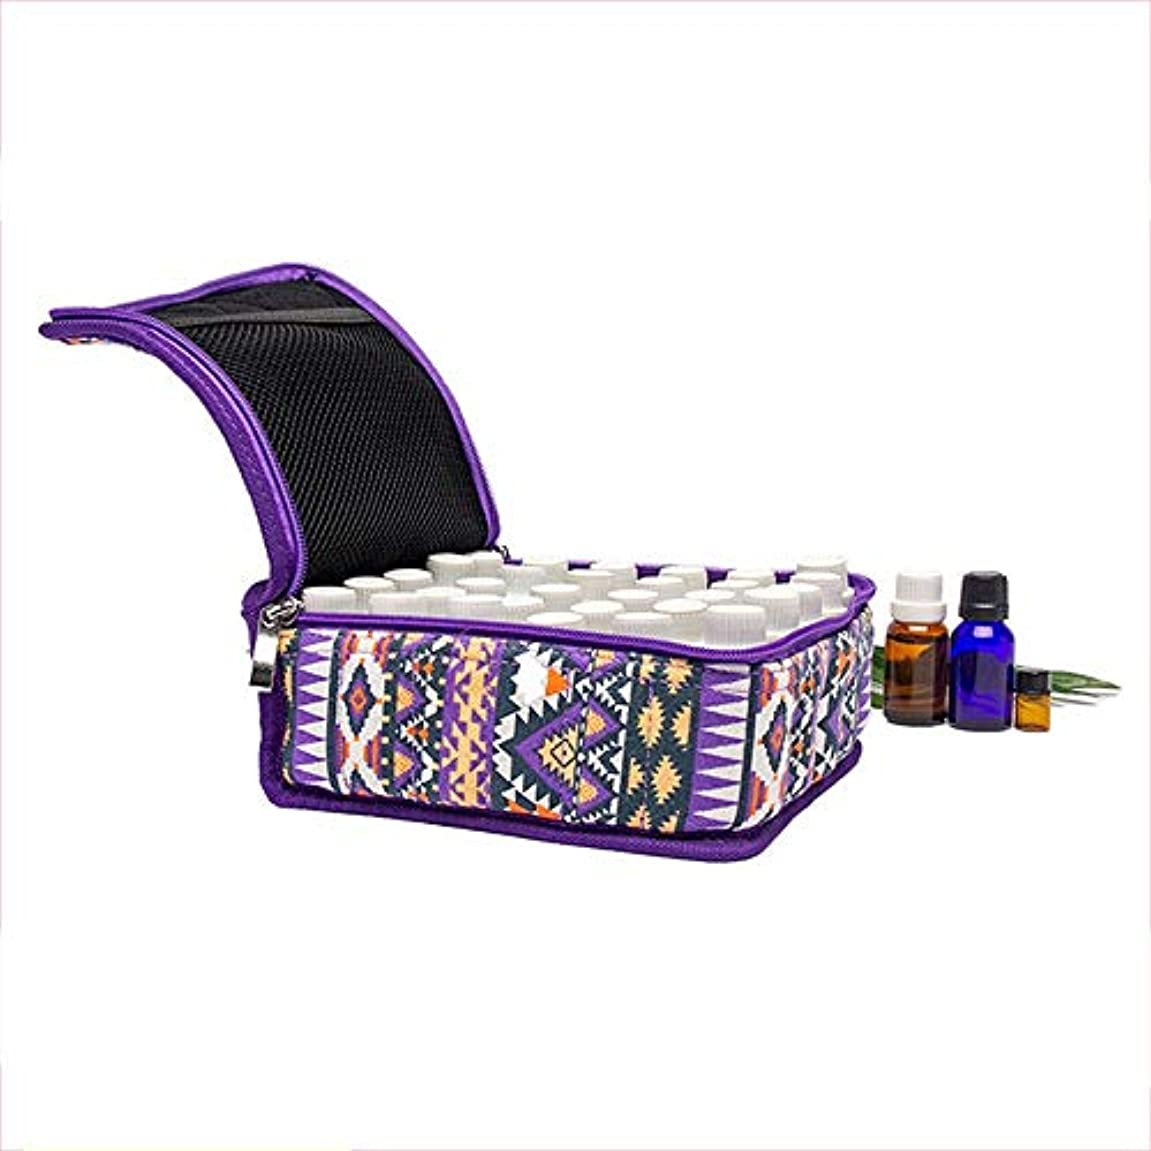 エッセンシャルオイル収納ボックス エッセンシャルオイル収納ケース旅行エッセンシャルオイルキャリングケースは、30本のボトル10ミリリットルバイアルエッセンシャルオイルオーガナイザーバッグを開催します (色 : 紫の, サイズ...